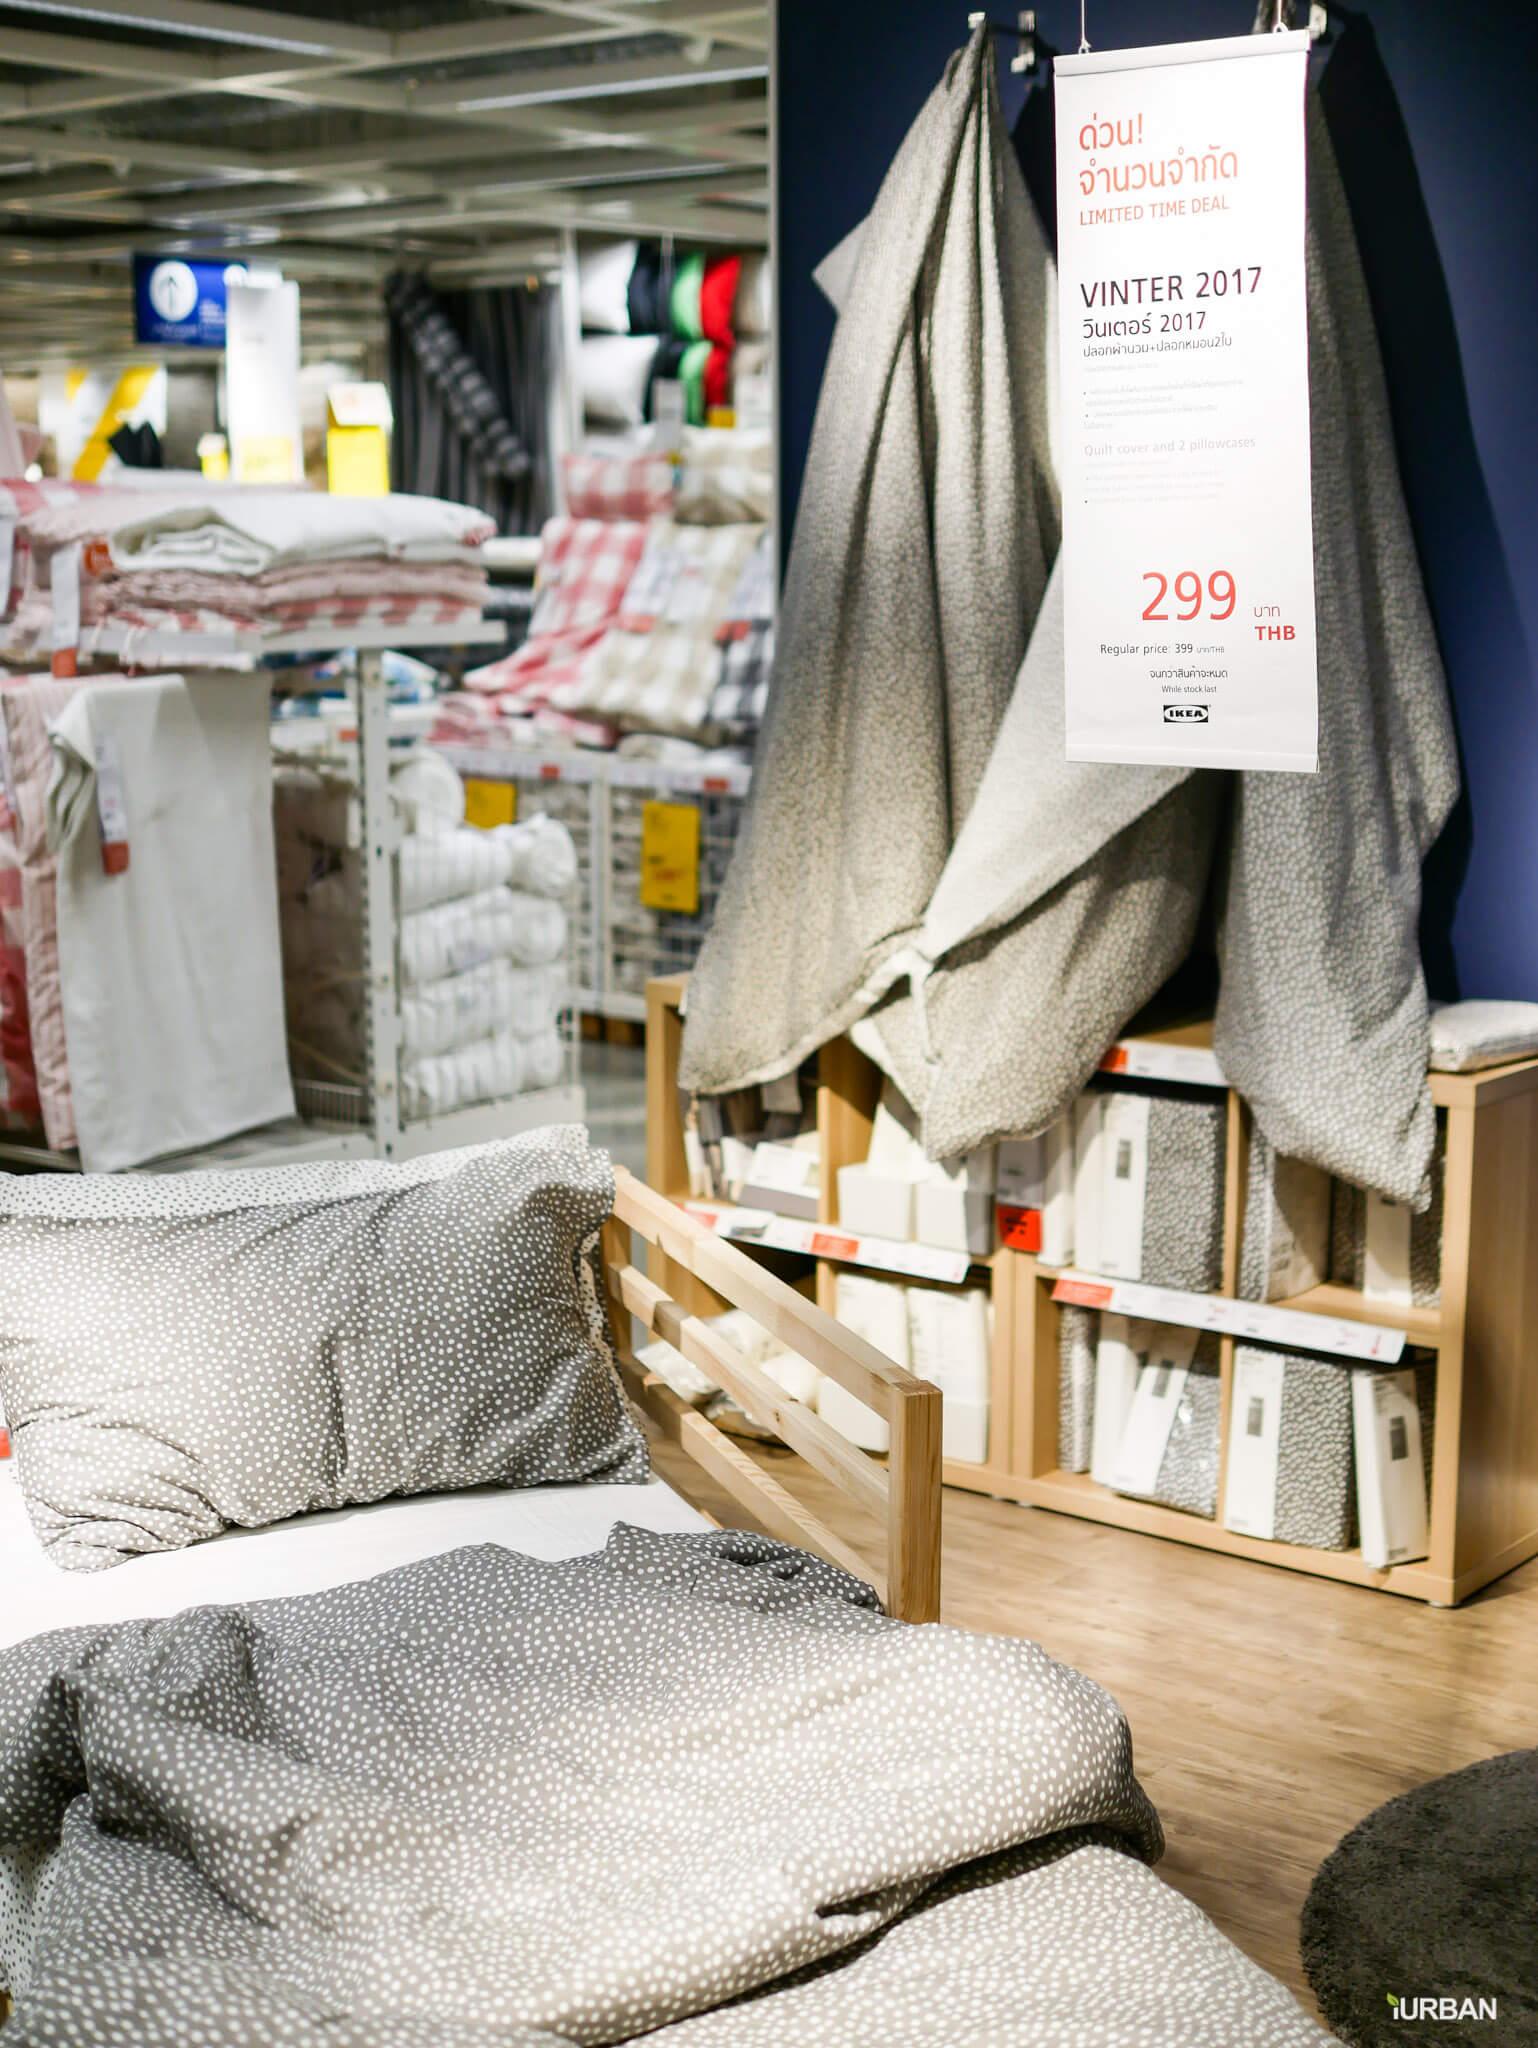 มันเยอะมากกกก!! IKEA Year End SALE 2017 รวมของเซลในอิเกีย ลดเยอะ ลดแหลก รีบพุ่งตัวไป วันนี้ - 7 มกราคม 61 139 - IKEA (อิเกีย)